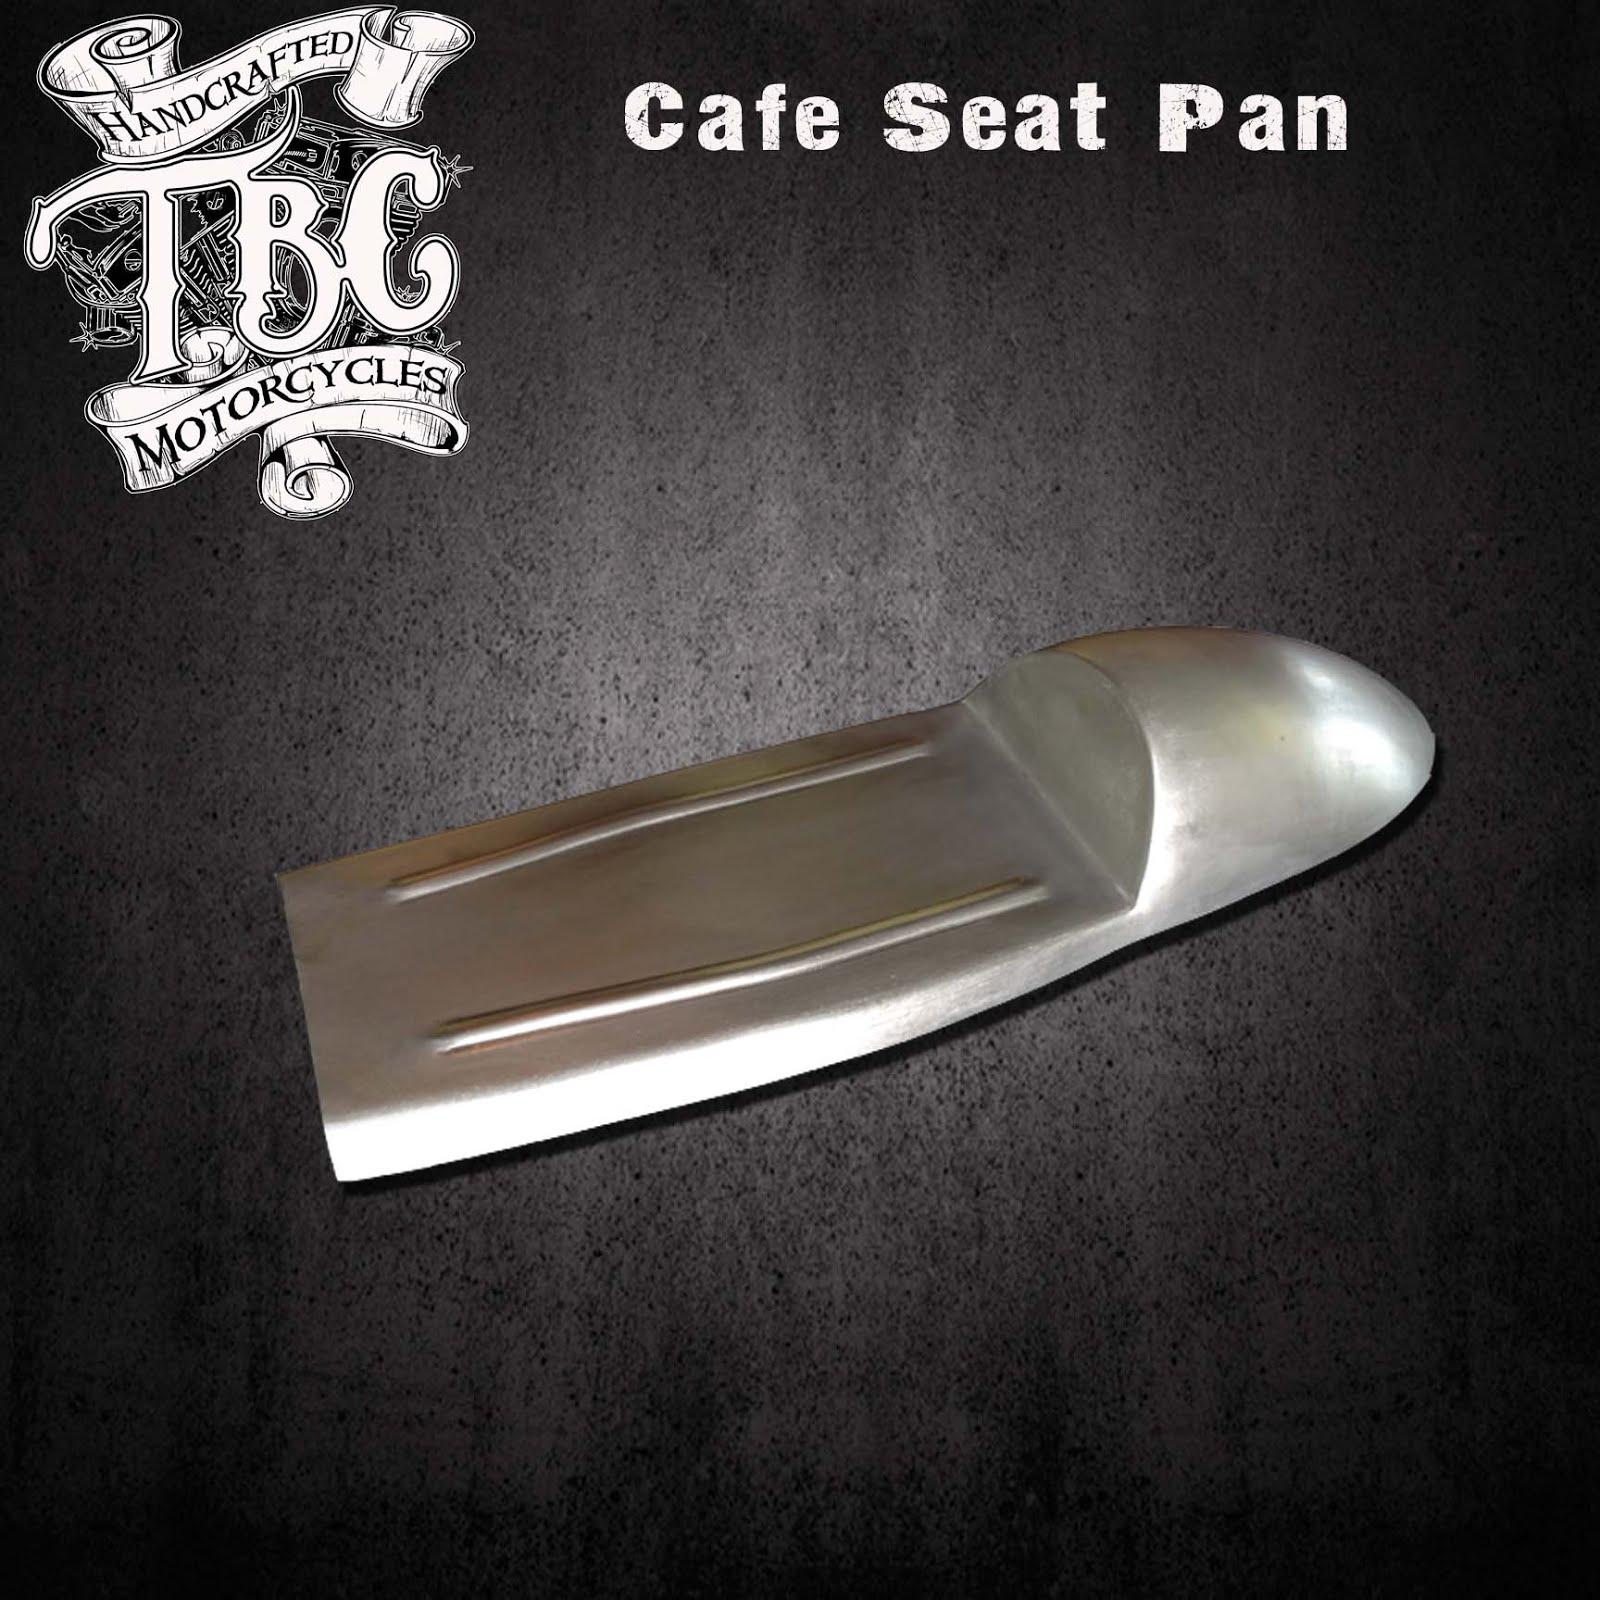 Cafe Seat Pan